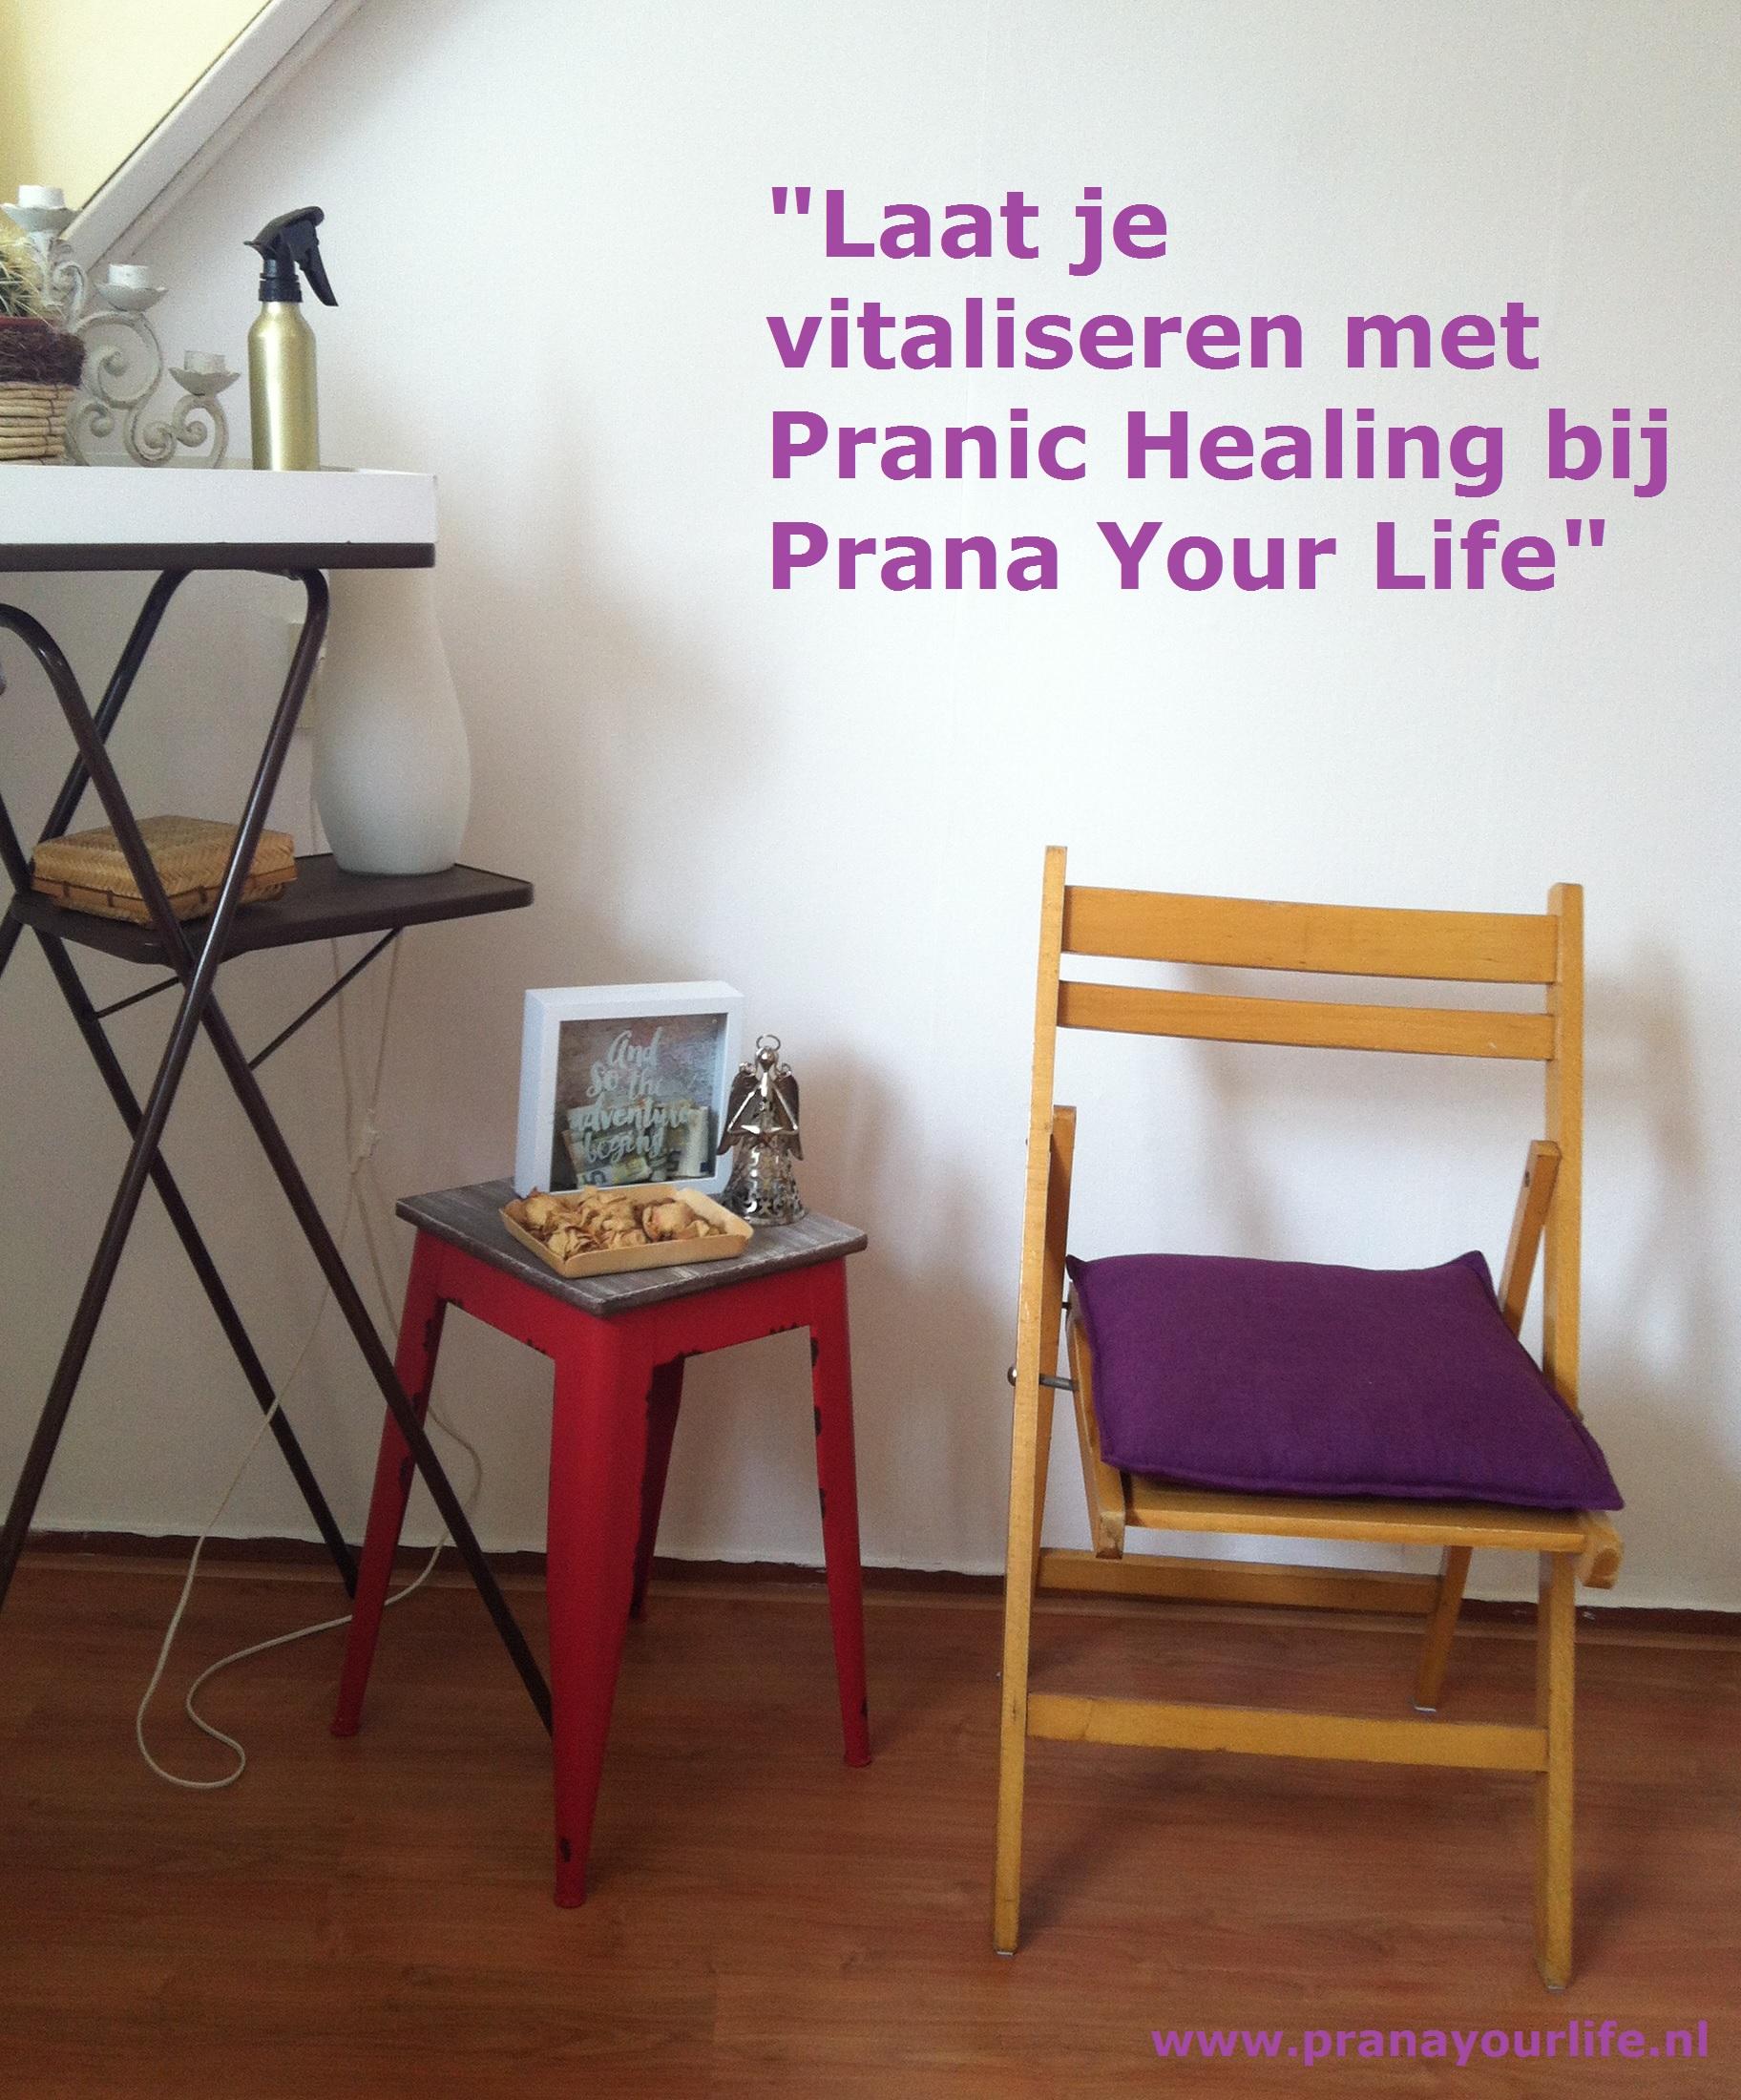 Laat je vitaliseren met Pranic Healing bij Prana Your Life. Voor emotionele rust, bewustwording, gronding, eigenwaarde, balans, keuzes maken, persoonlijke groei en ontwikkeling etc.